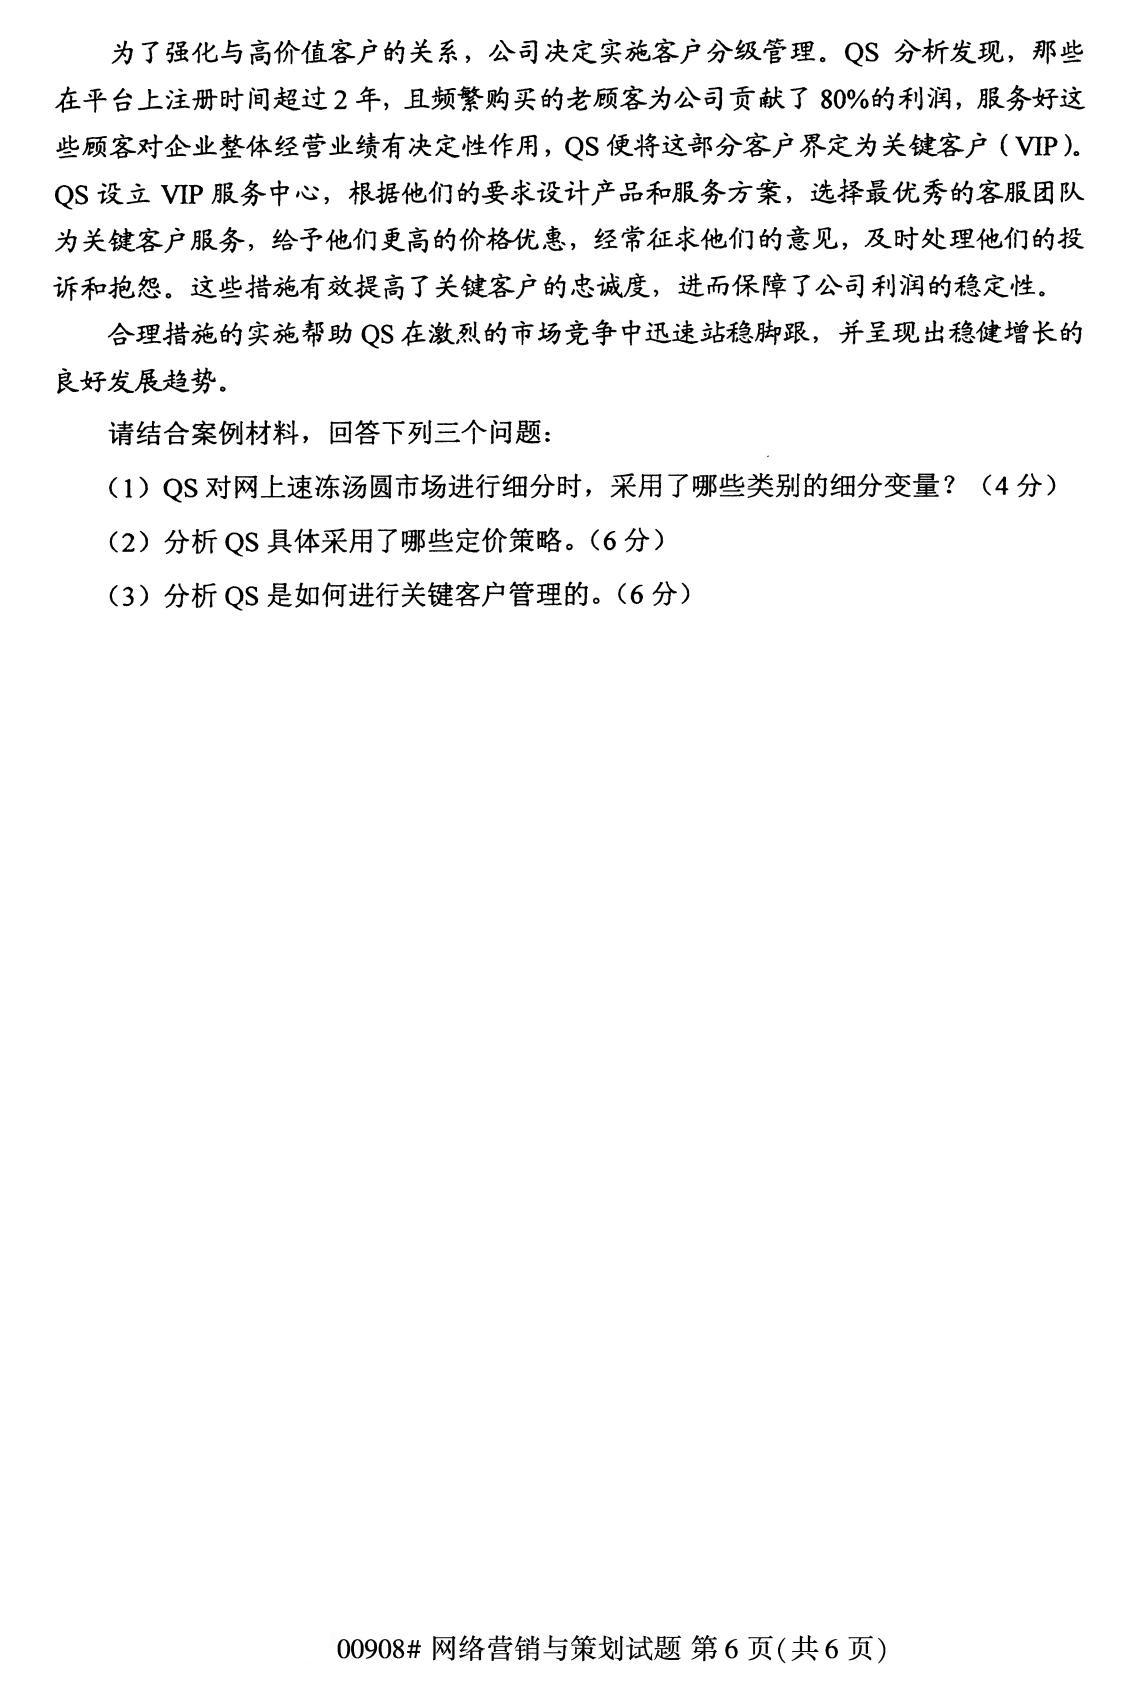 全国2020年8月manbetx官网手机登录00908网络营销与策划试题